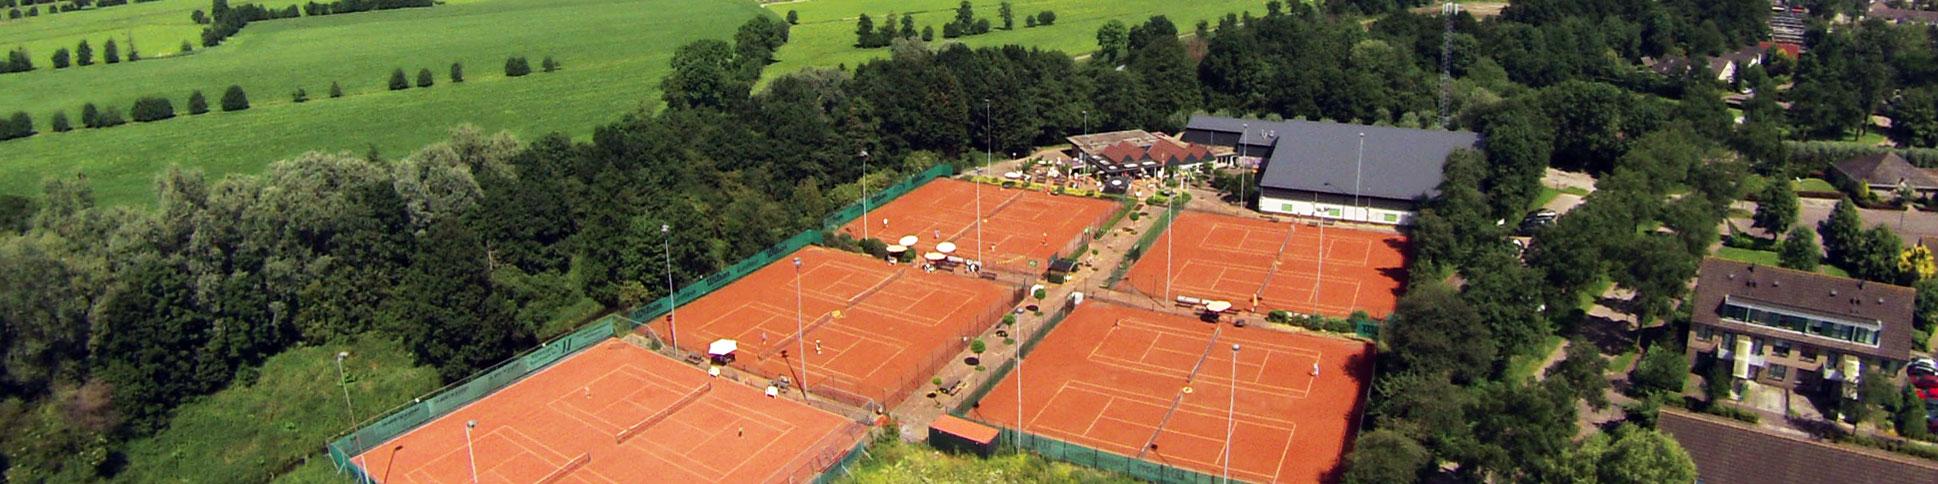 LTV-Leusden-tennis1